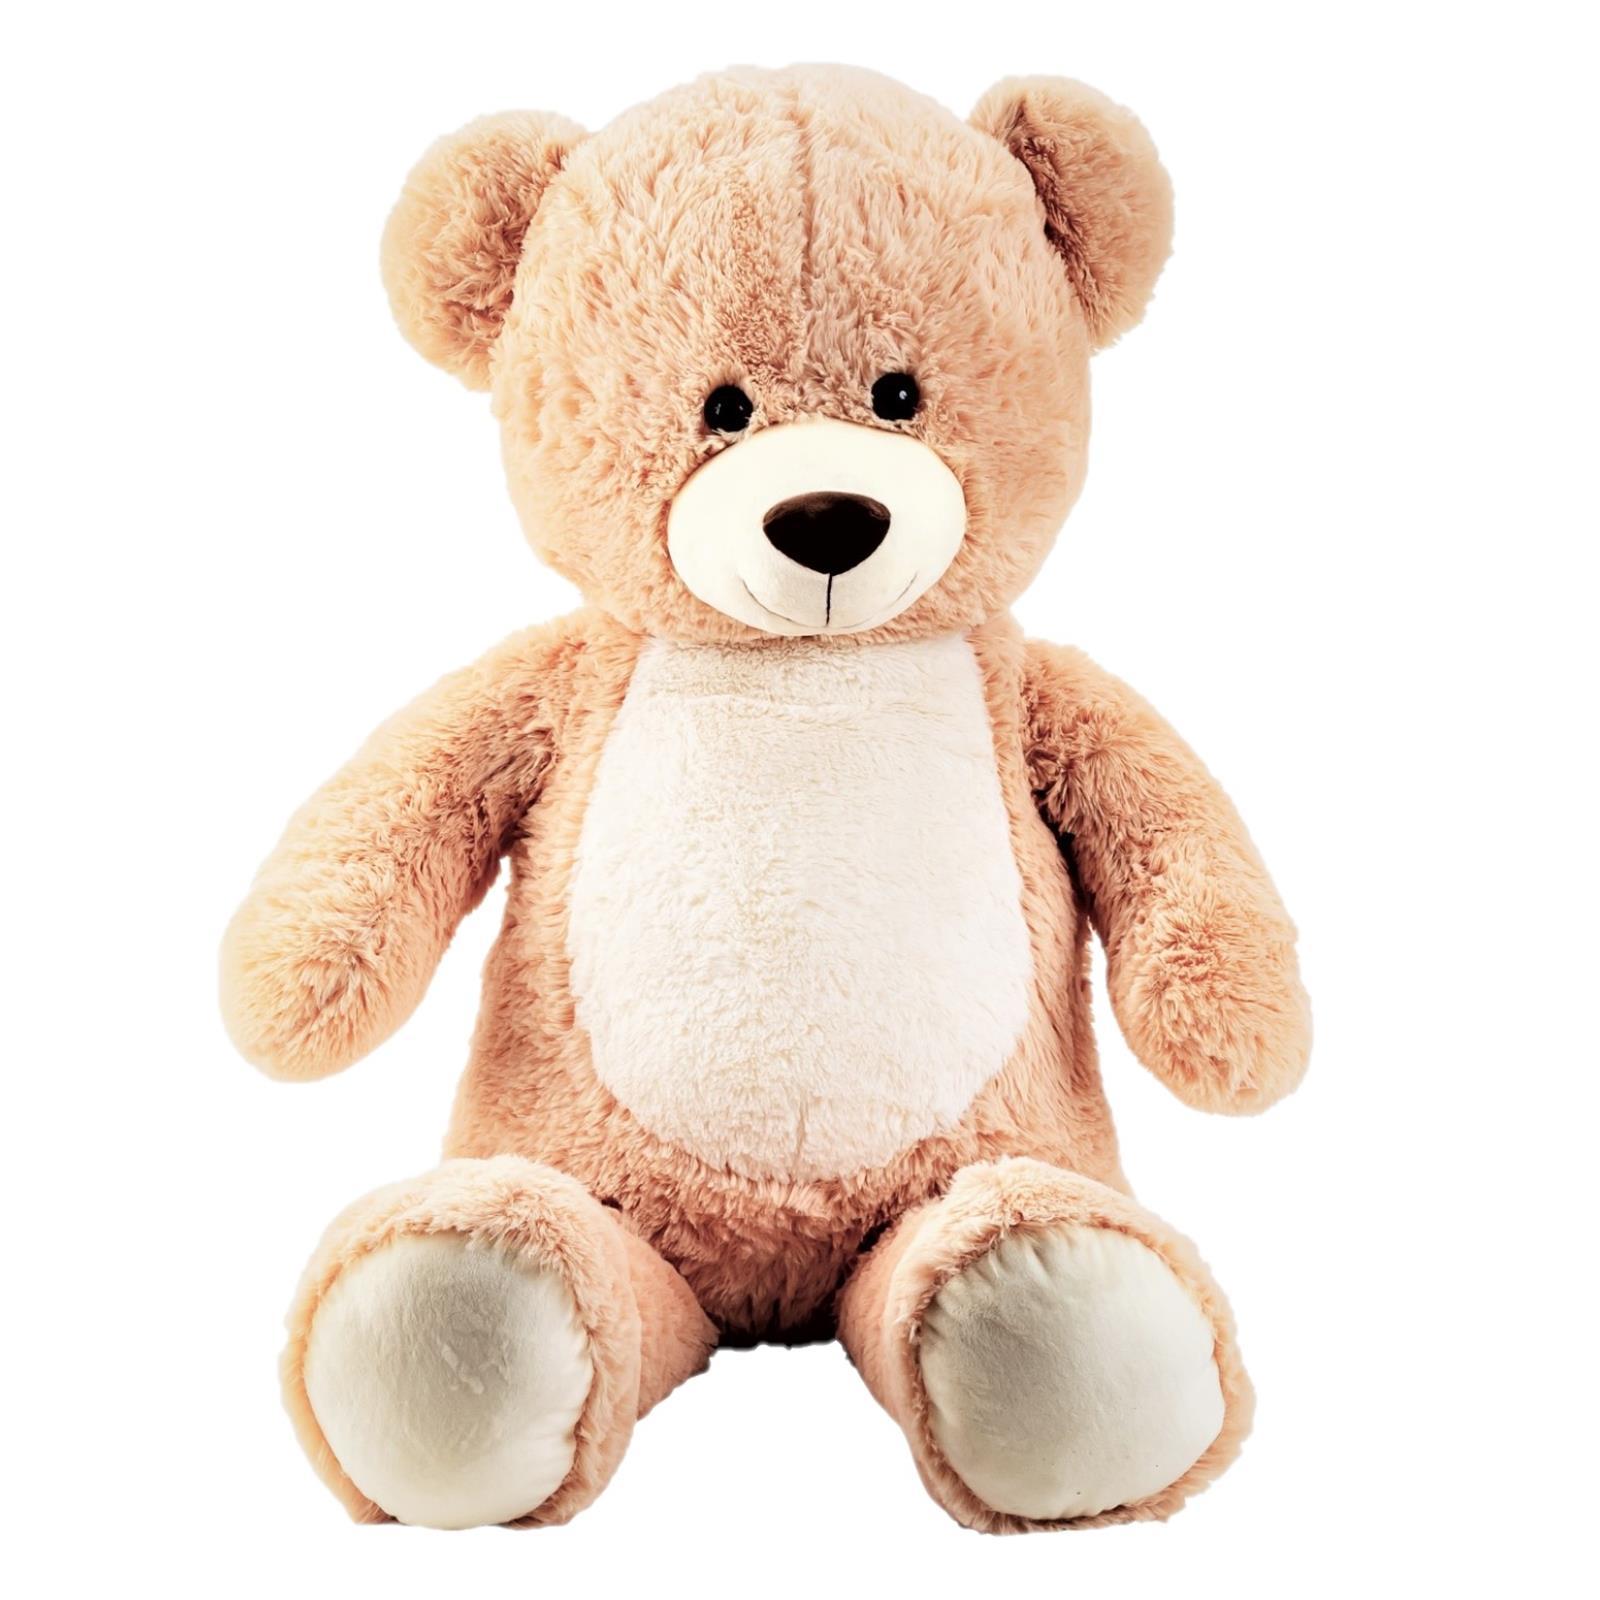 Teddybär mit weissem Bauch